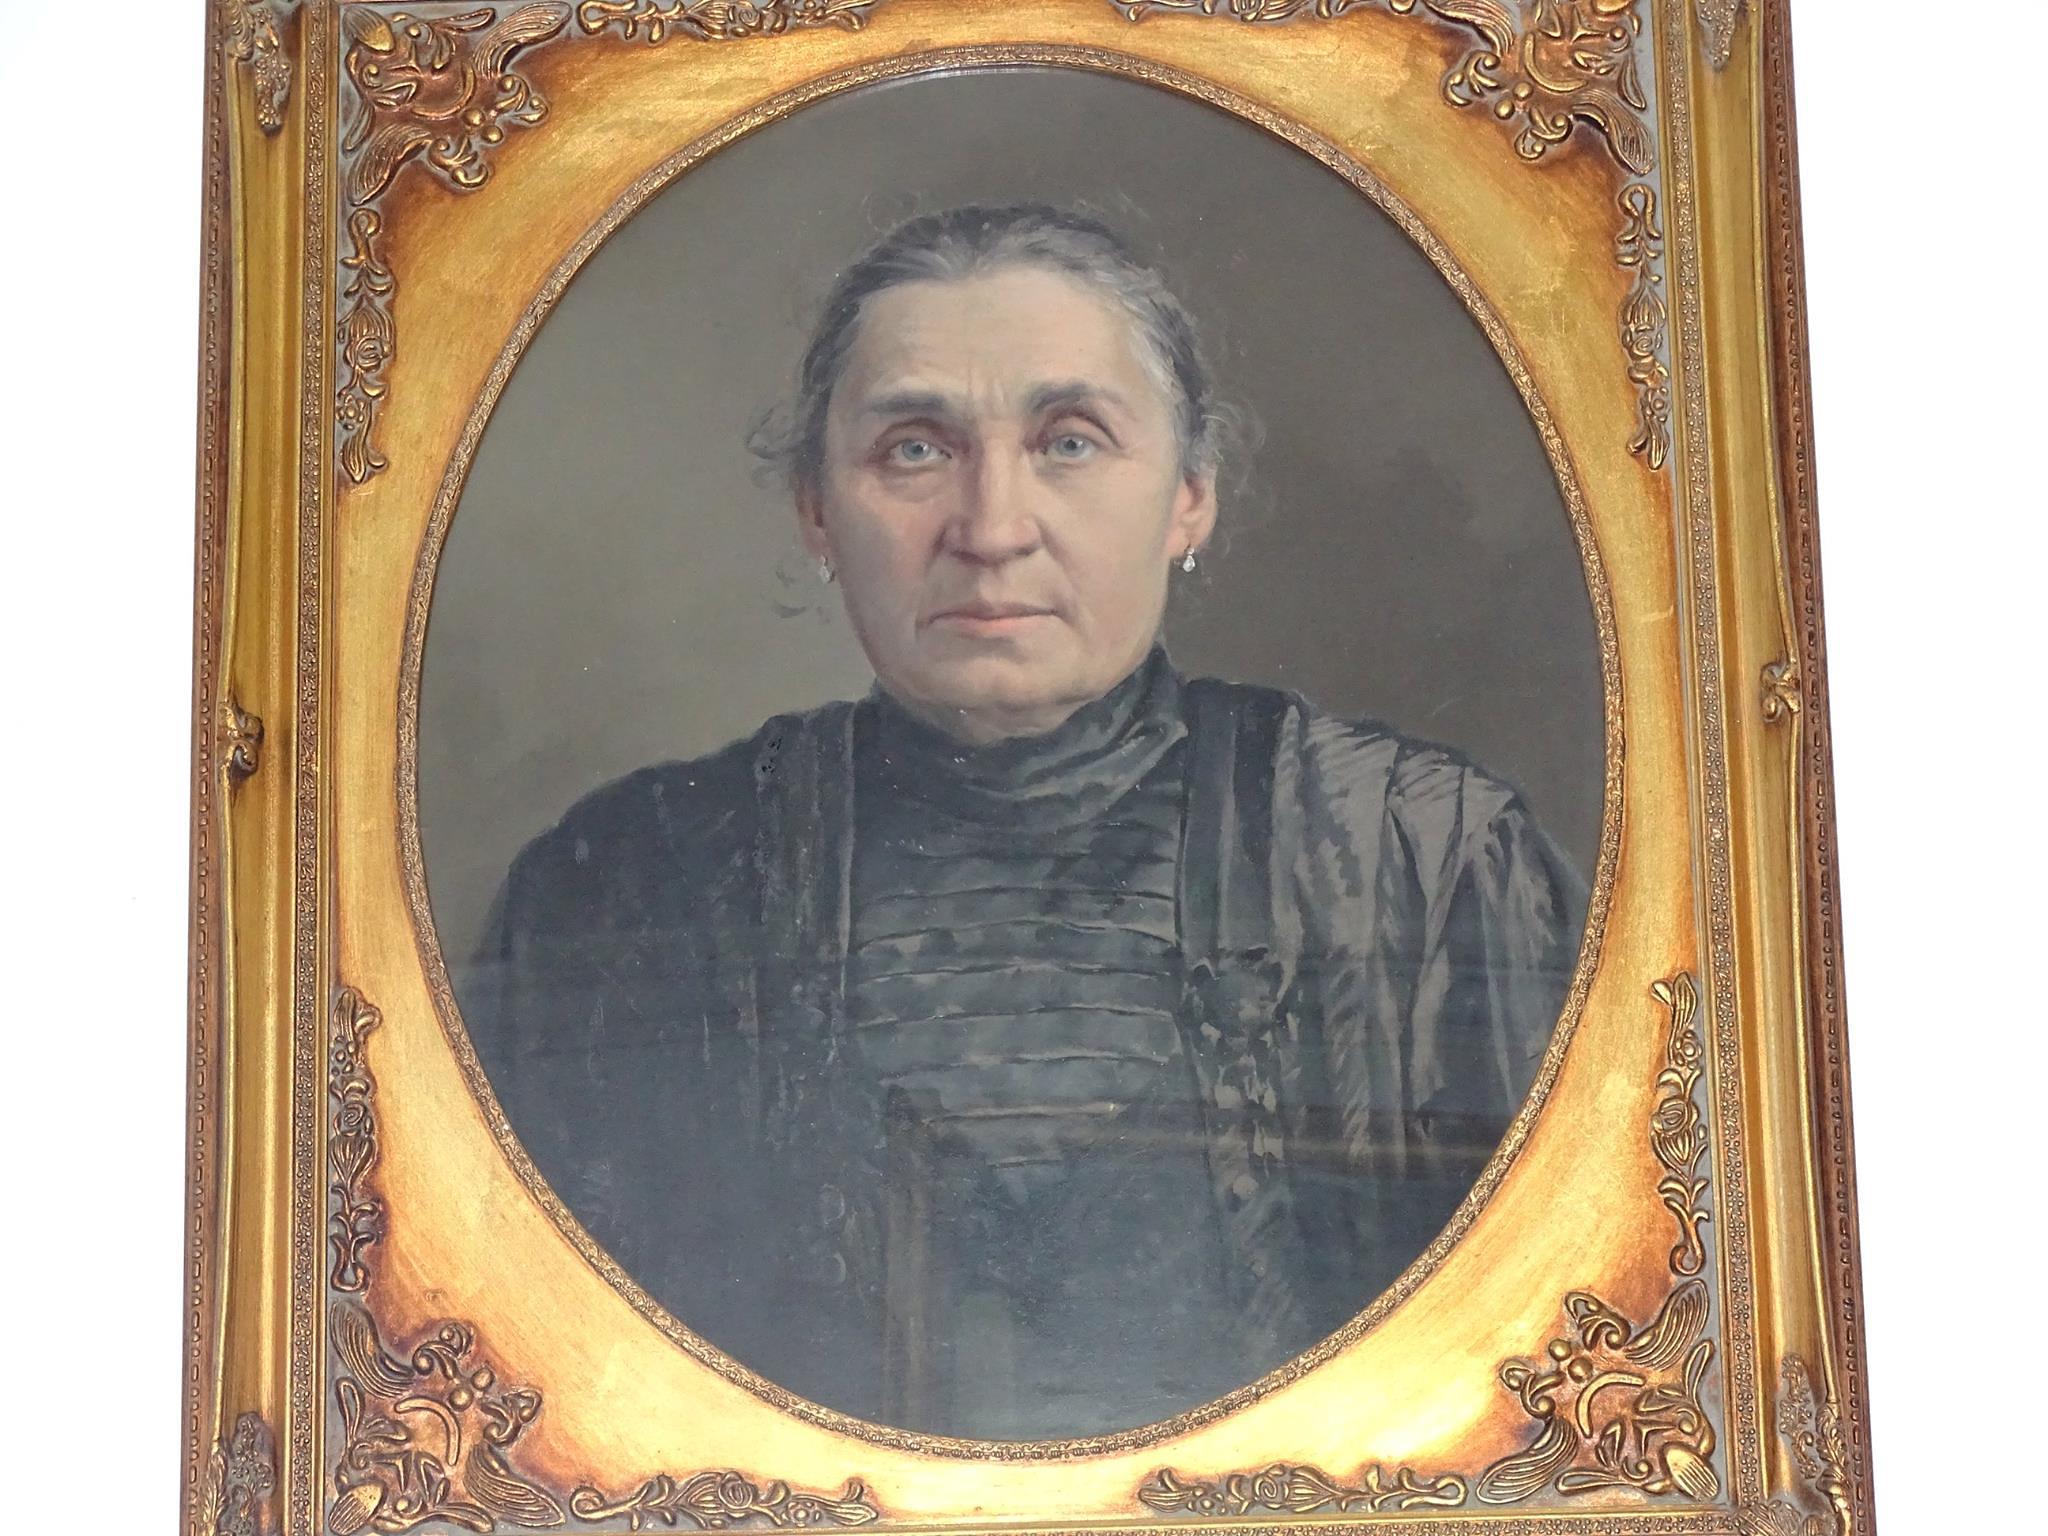 Celeste La Rocca